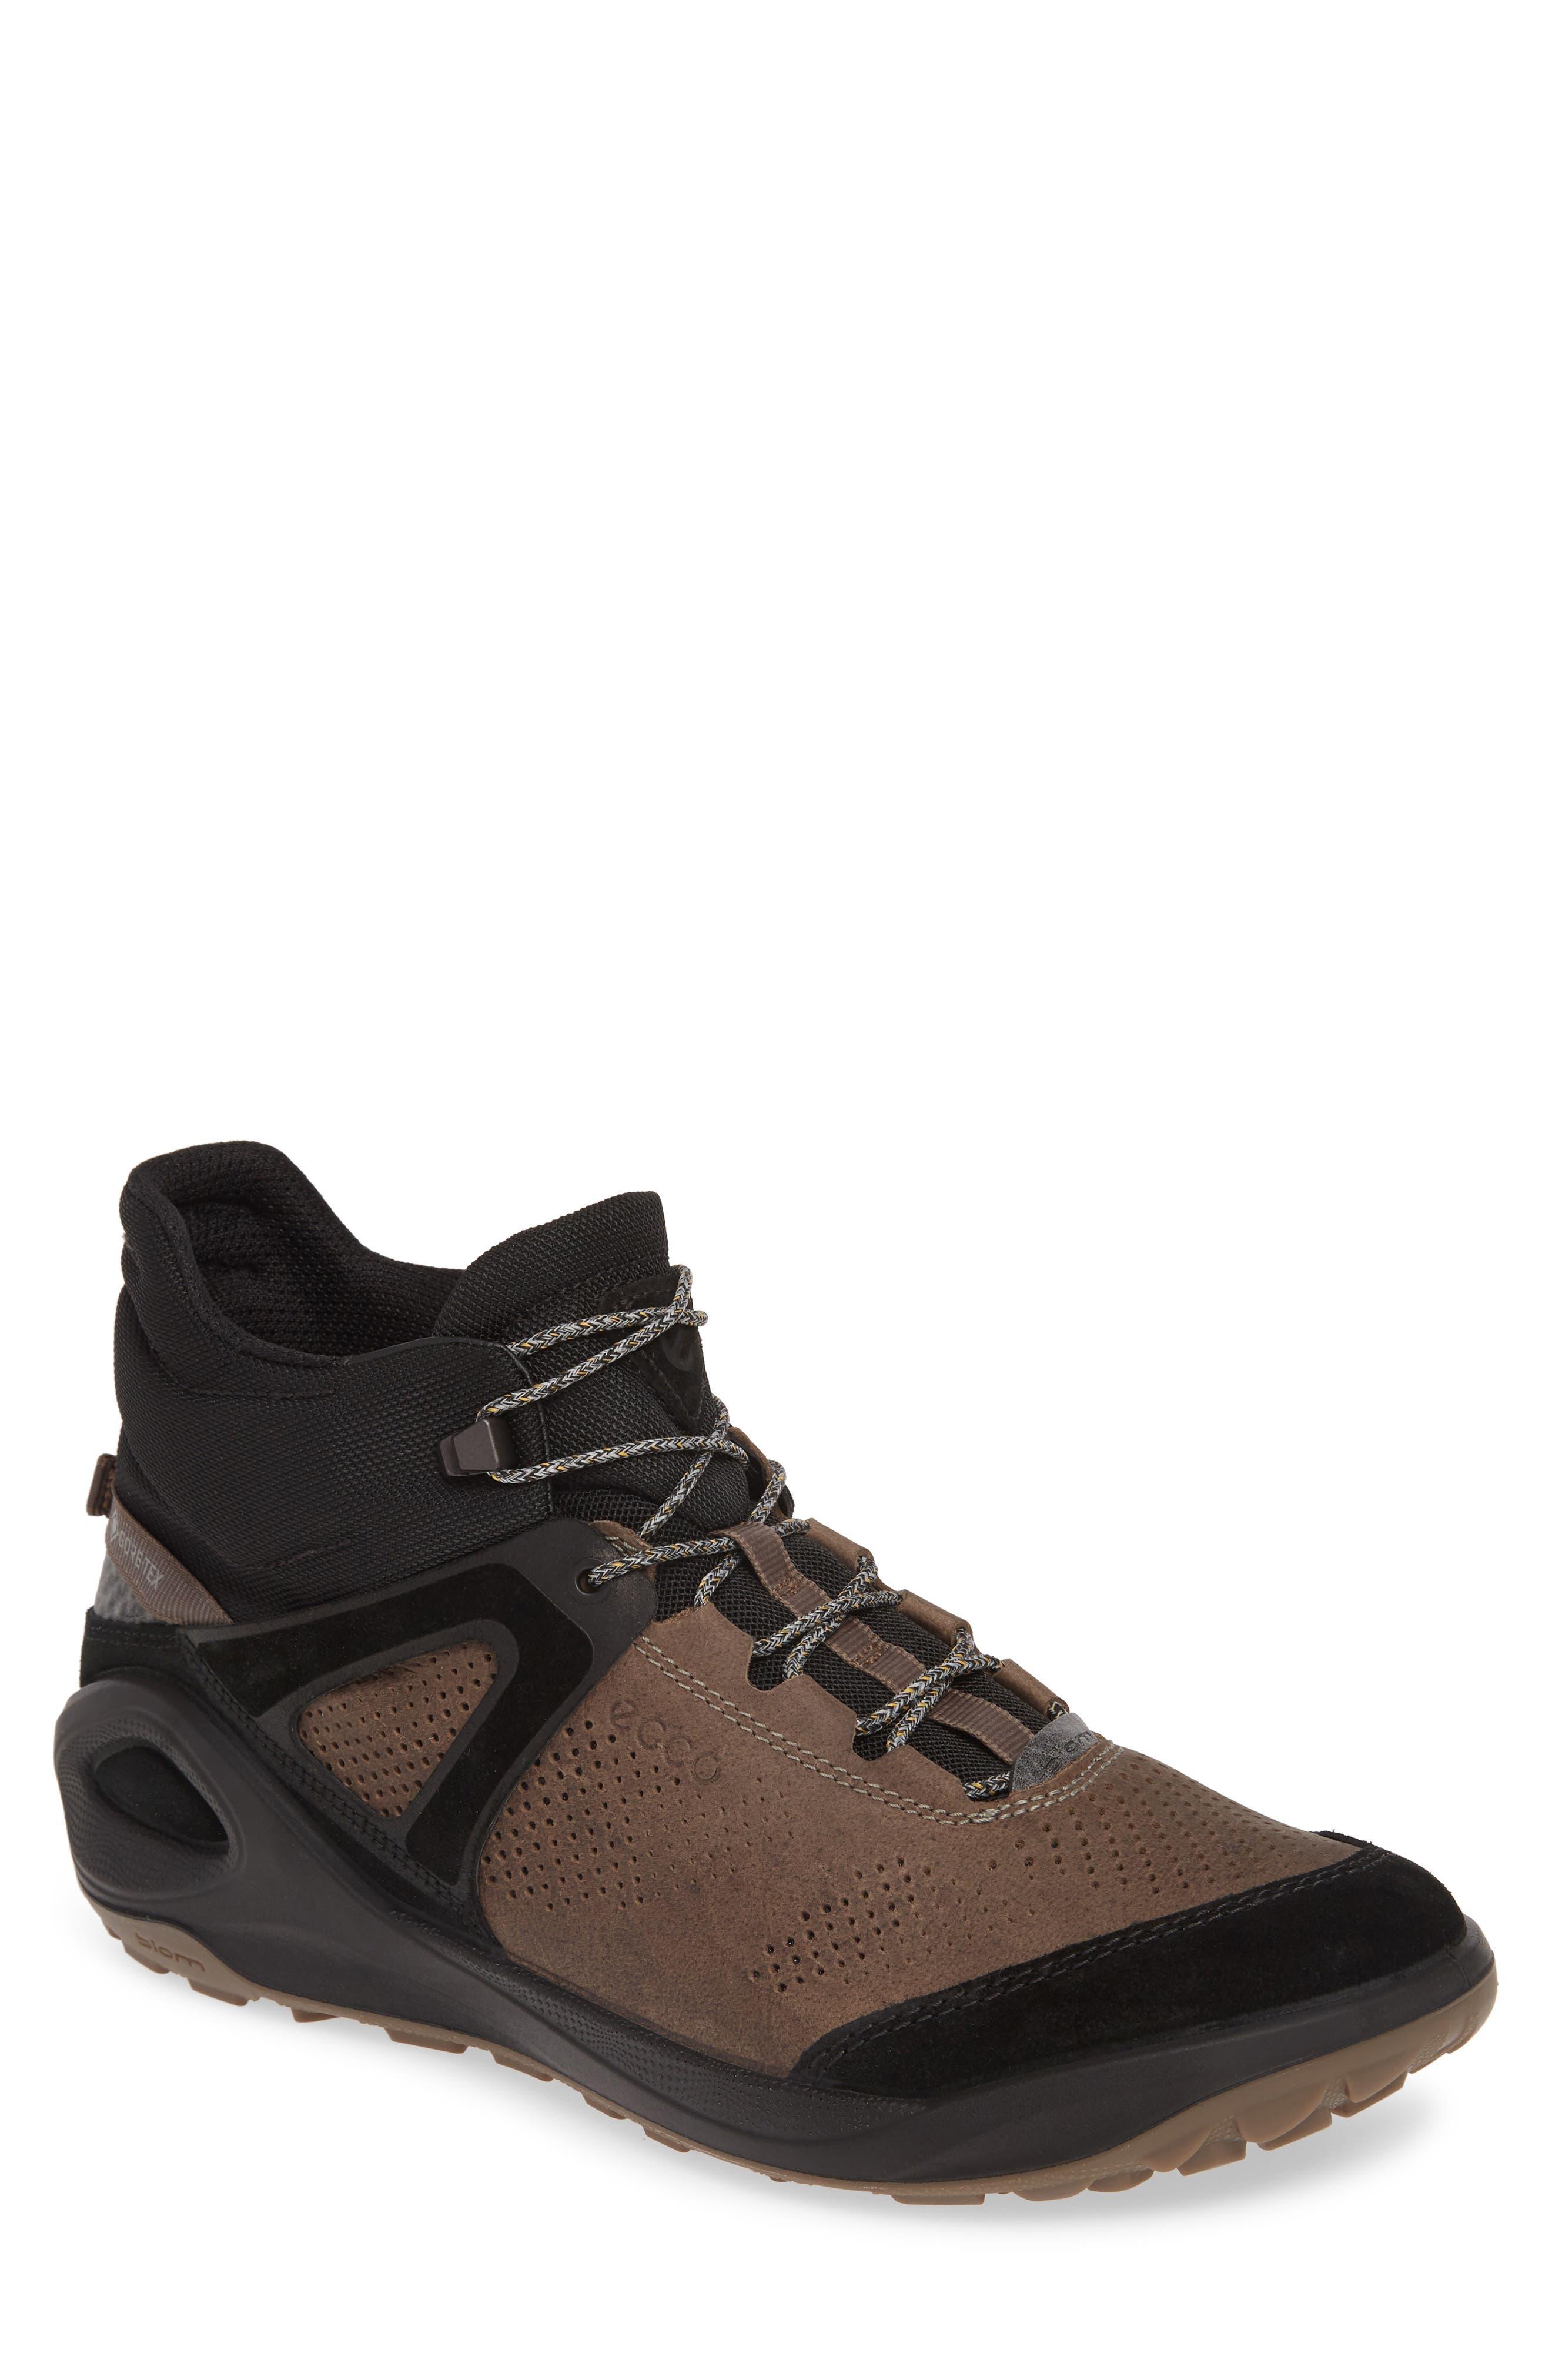 Ecco Biom 2Go Waterproof Ankle Boot,8.5 - Brown